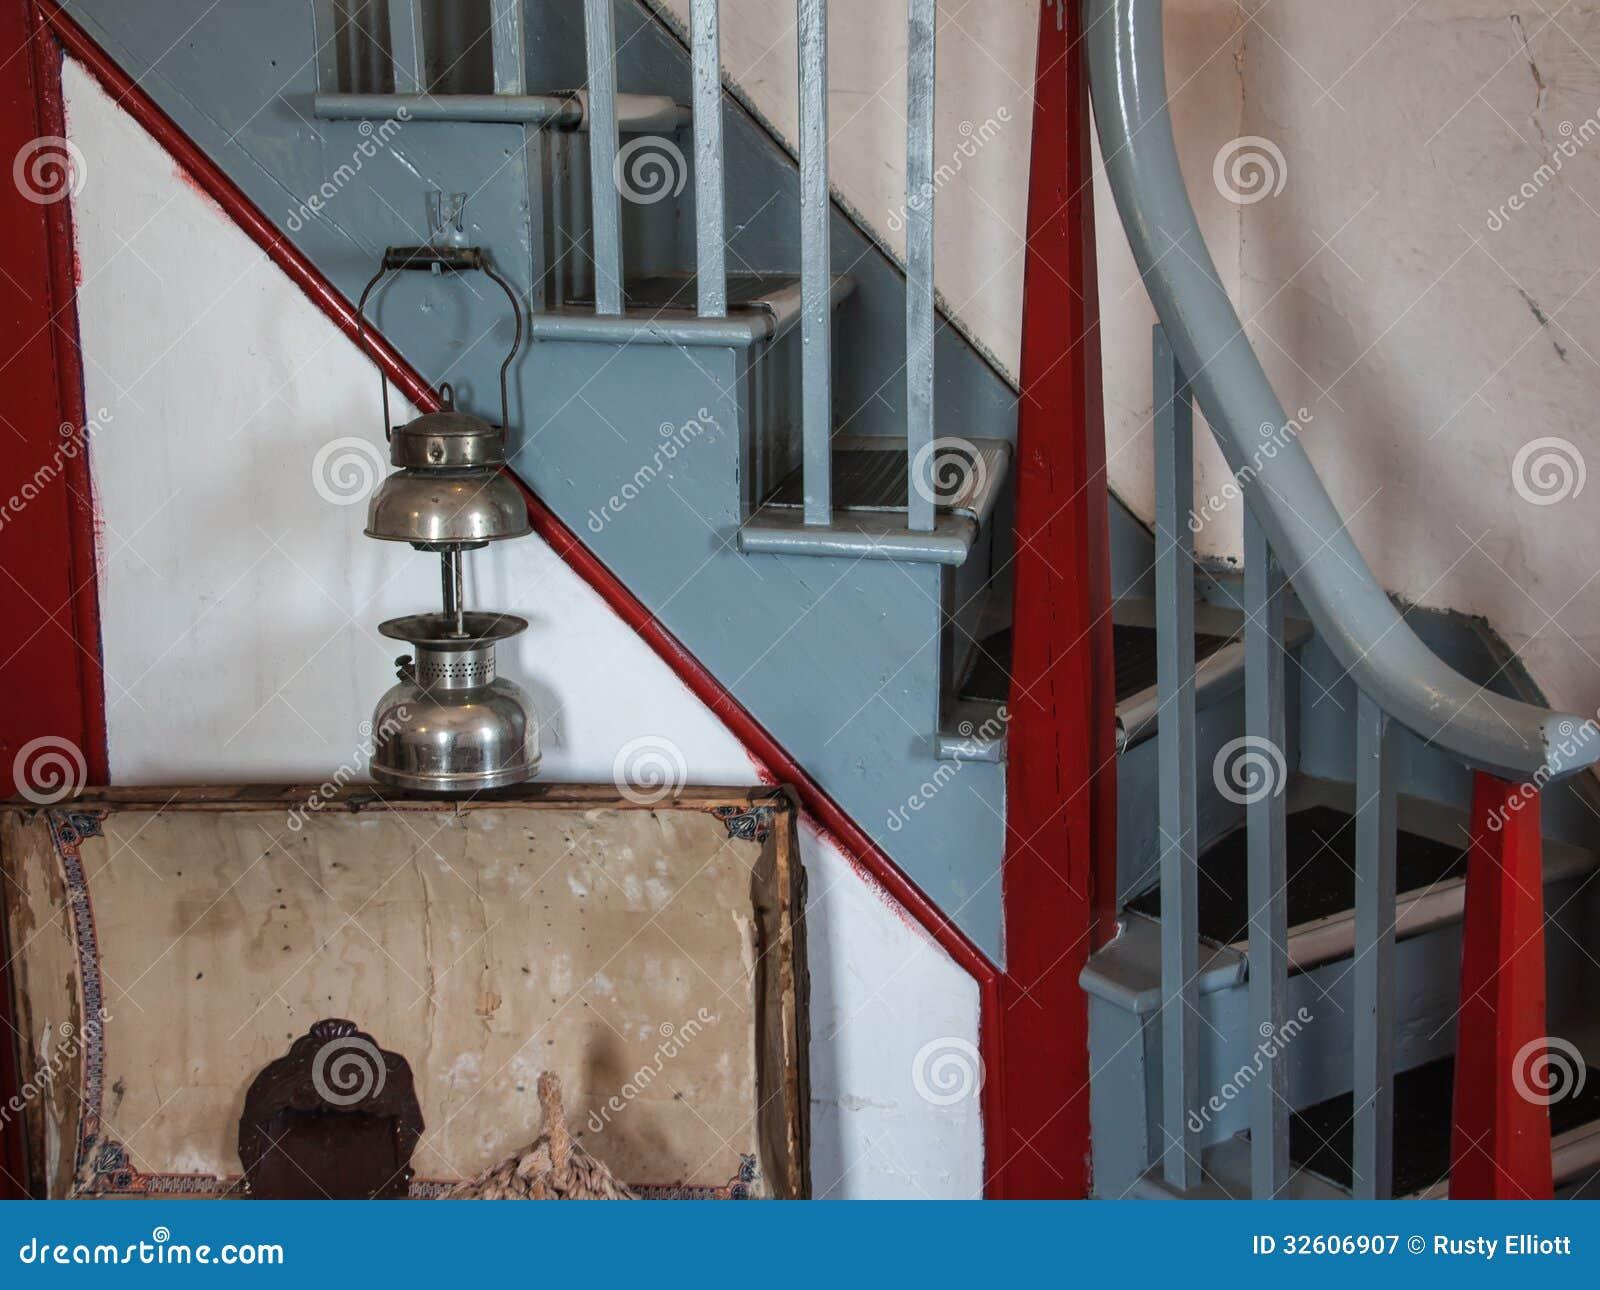 Alte Lampe Und Treppenhaus Stockbild Bild Von Treppenhaus 32606907